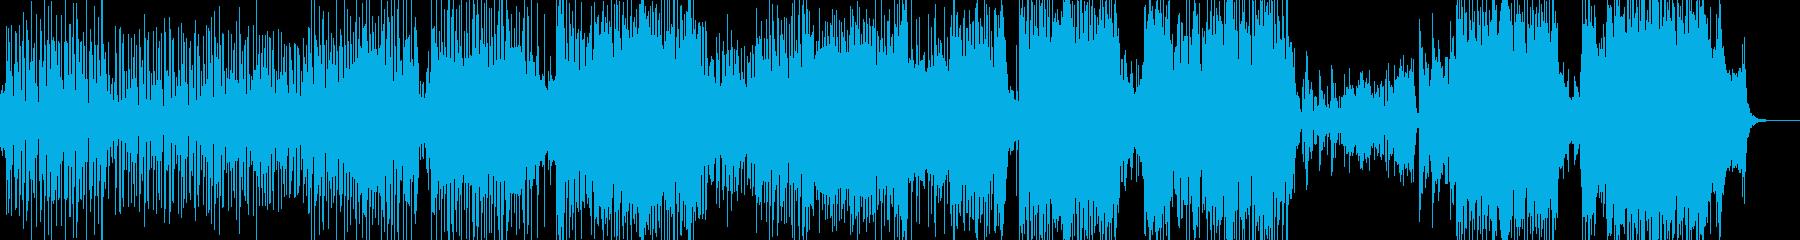 ウクレレ・南国気分のアコギポップス ★の再生済みの波形